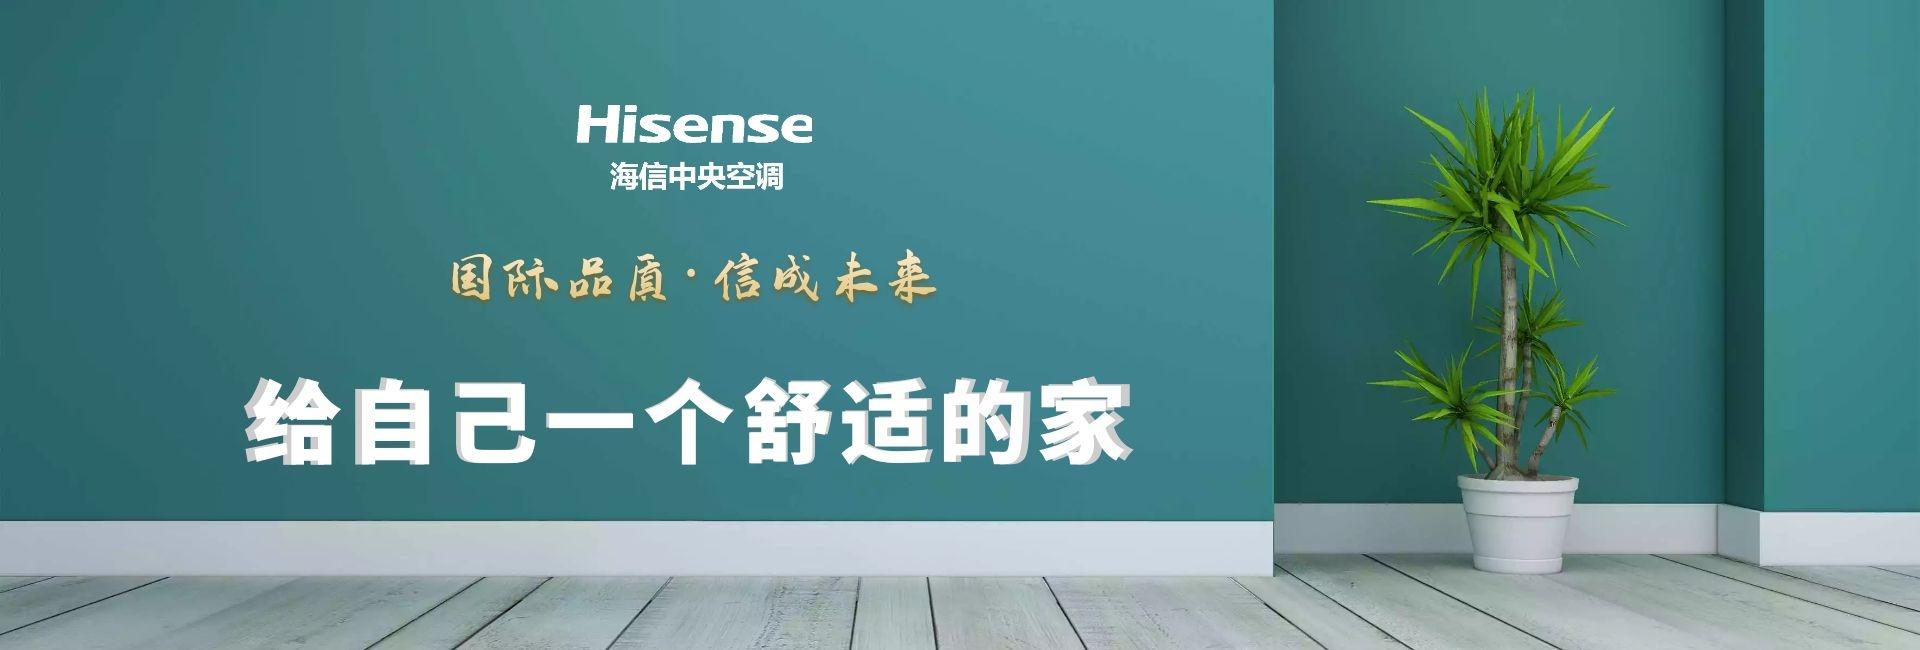 海信中央空调 国际品质 信成未来